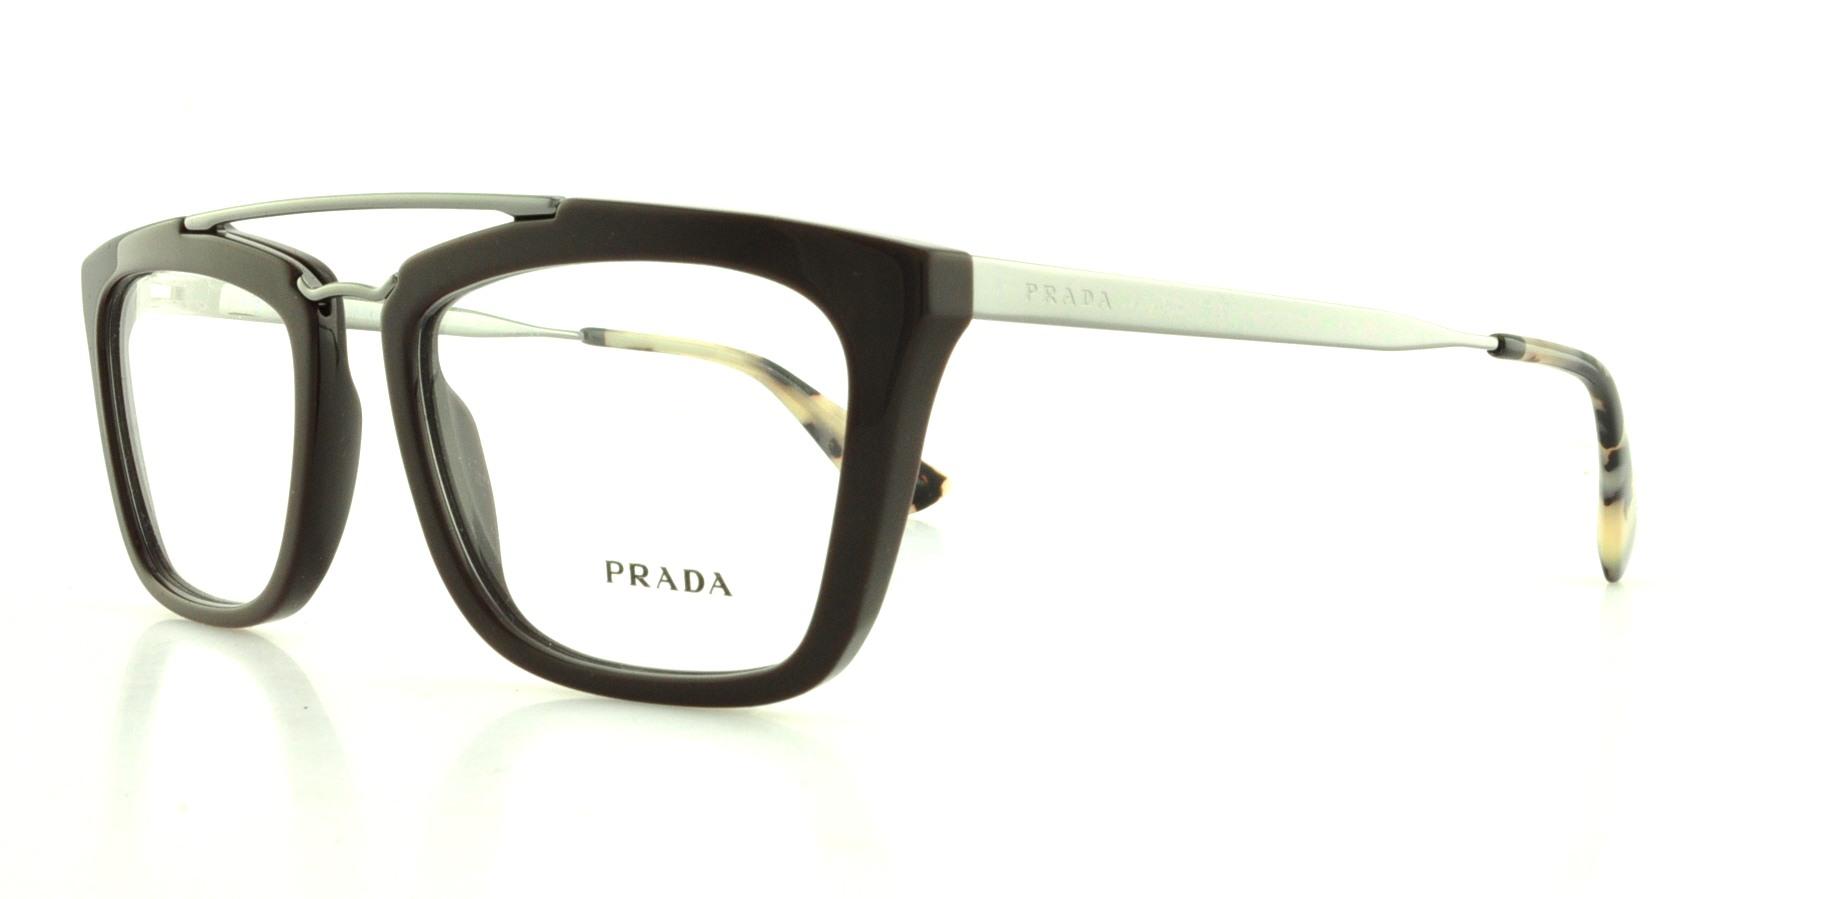 591a44fb525e Designer Frames Outlet. Prada PR18QV